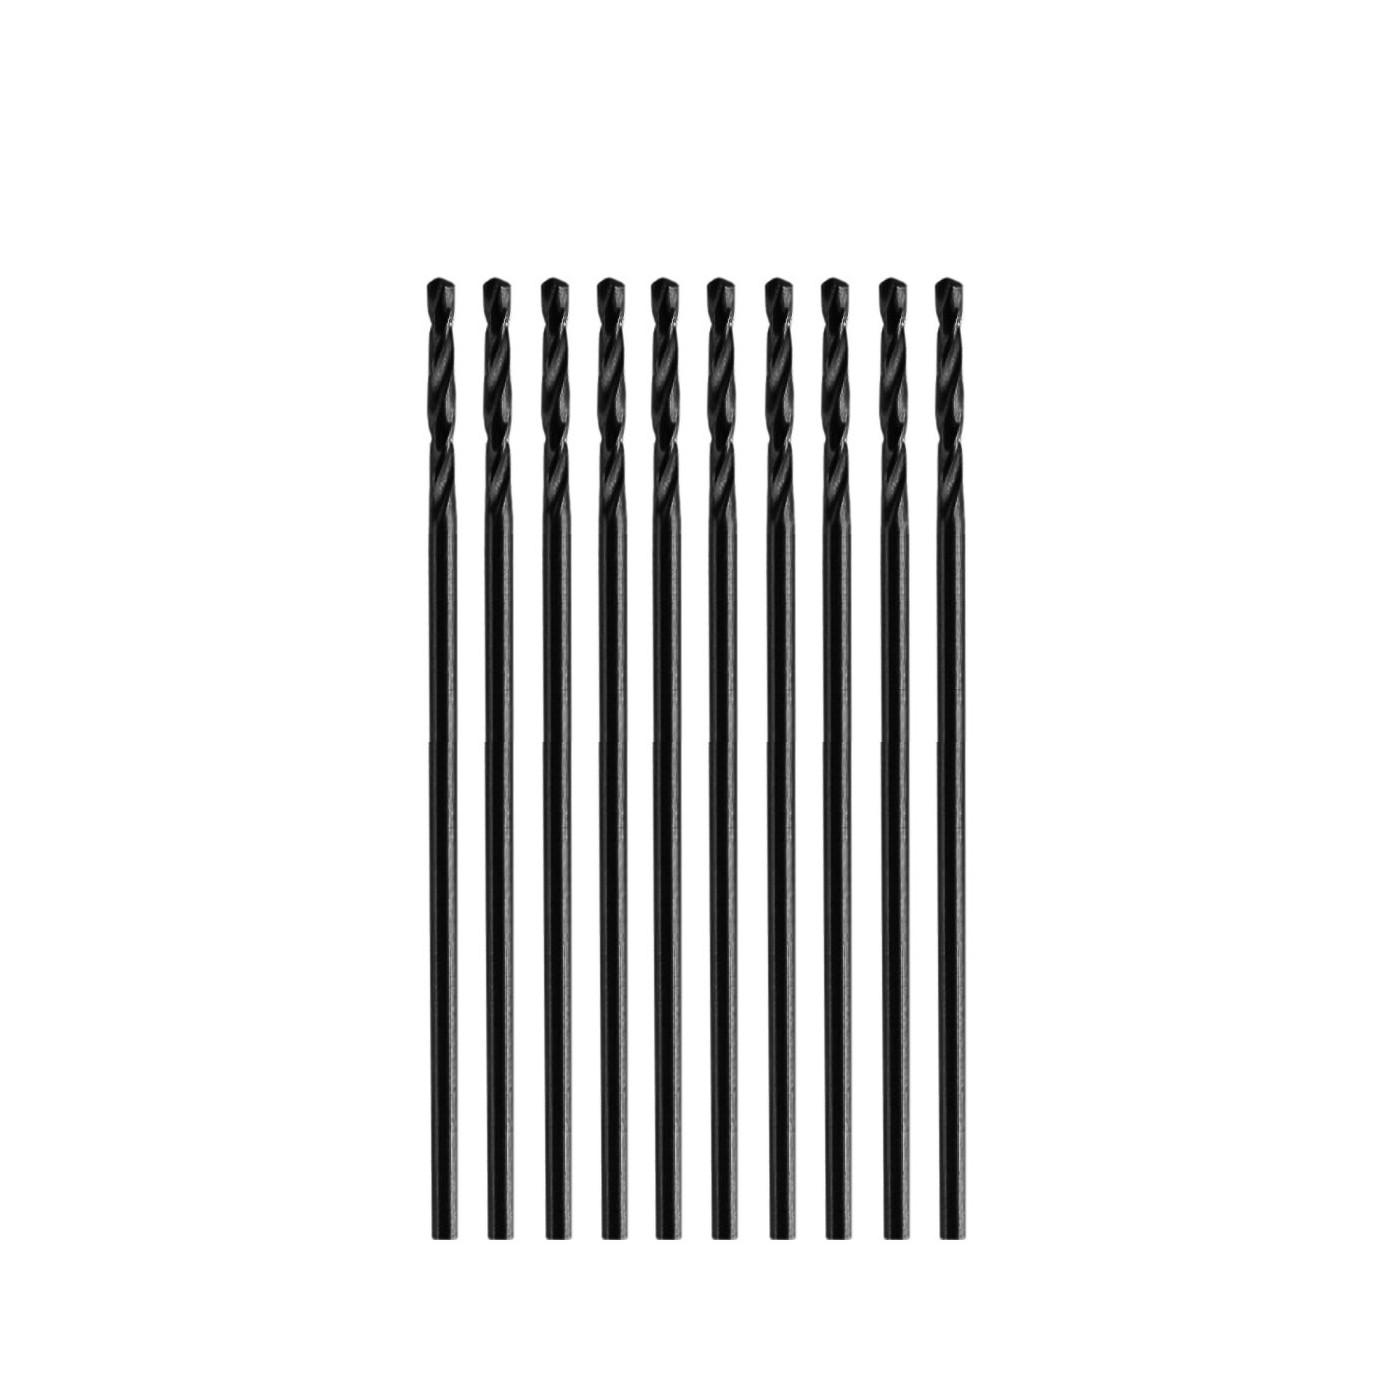 Jeu de 10 petits forets métalliques (0,6x21 mm, HSS)